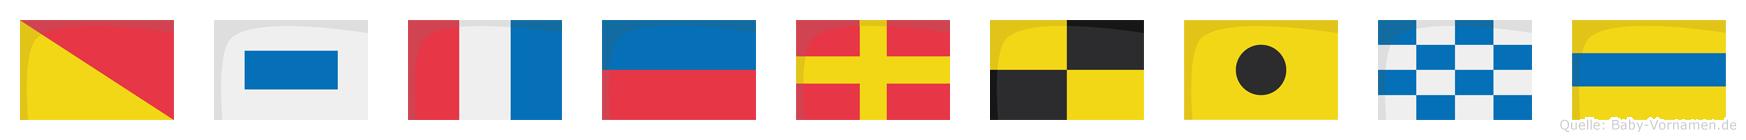 Osterlind im Flaggenalphabet